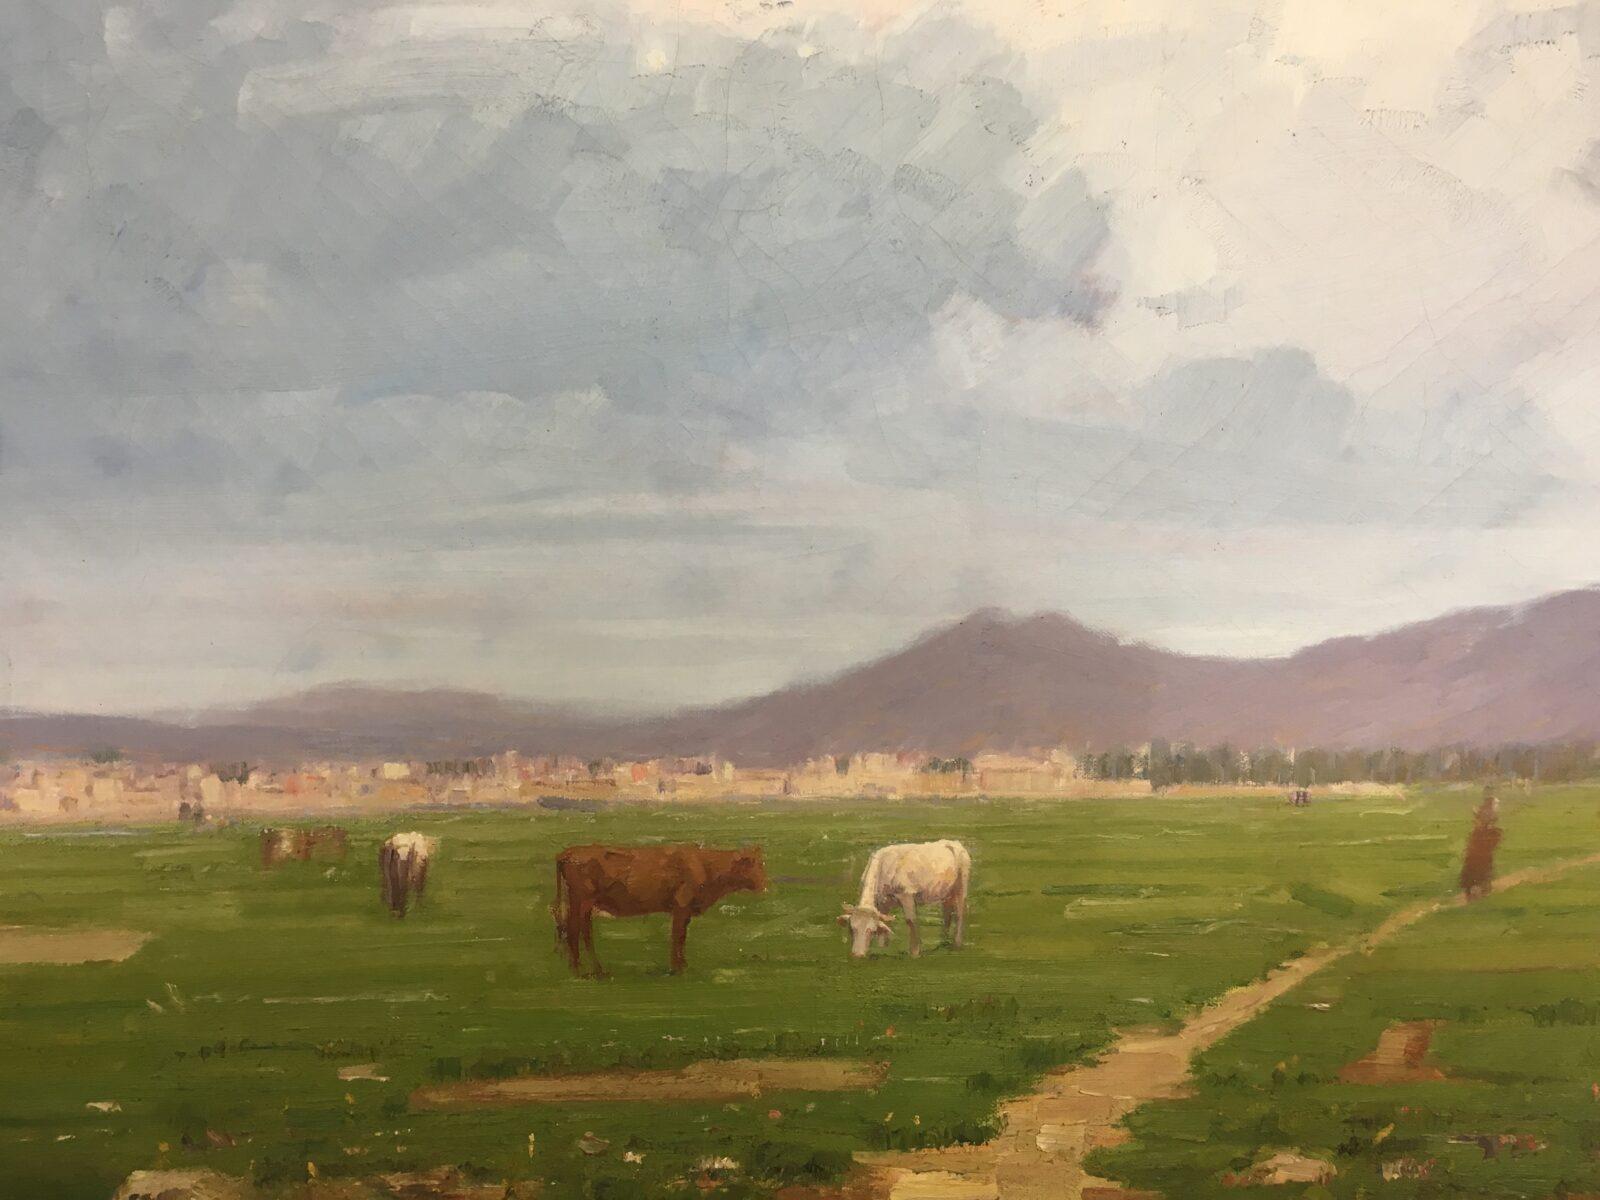 Dipinti di Paesaggi Siciliani